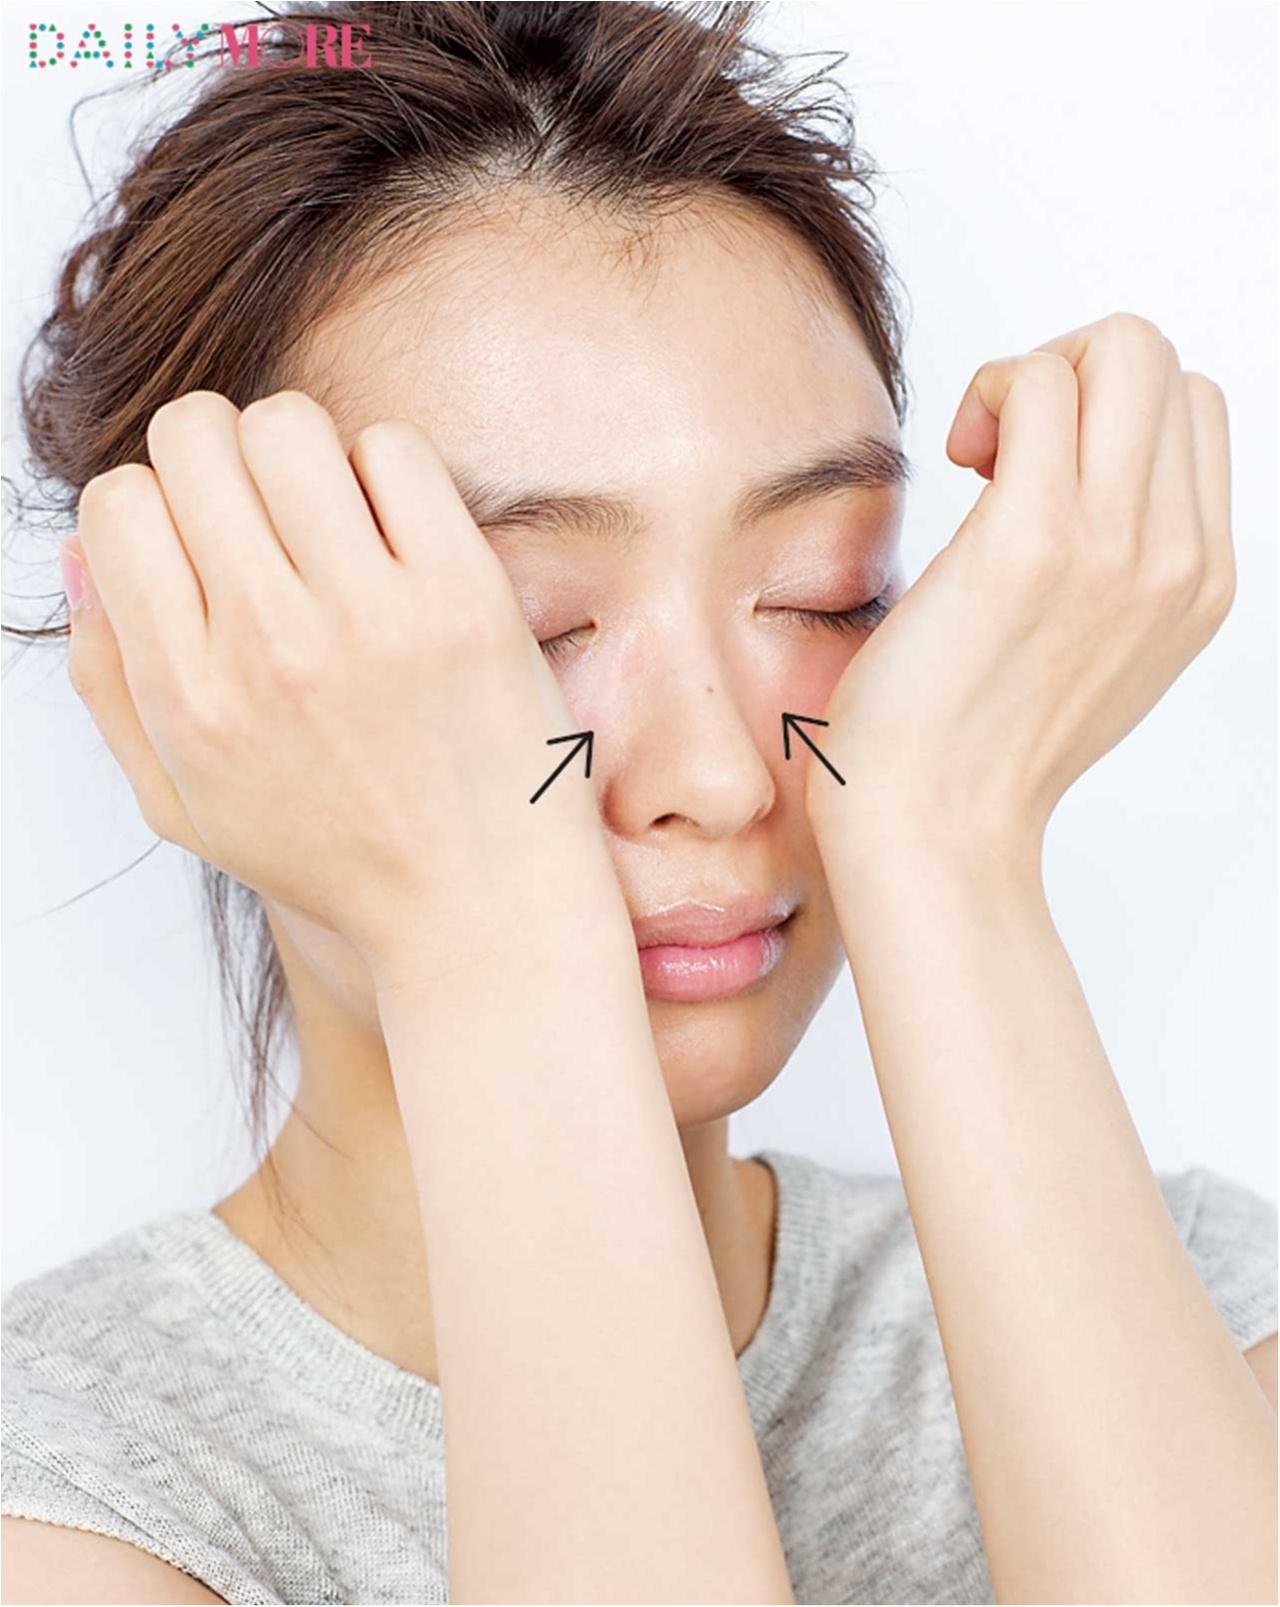 エラ張りの悩みを解消して小顔になれるテク - エラの張りがカバーできる前髪や眉メイク、セルフコルギ(マッサージ)など_14